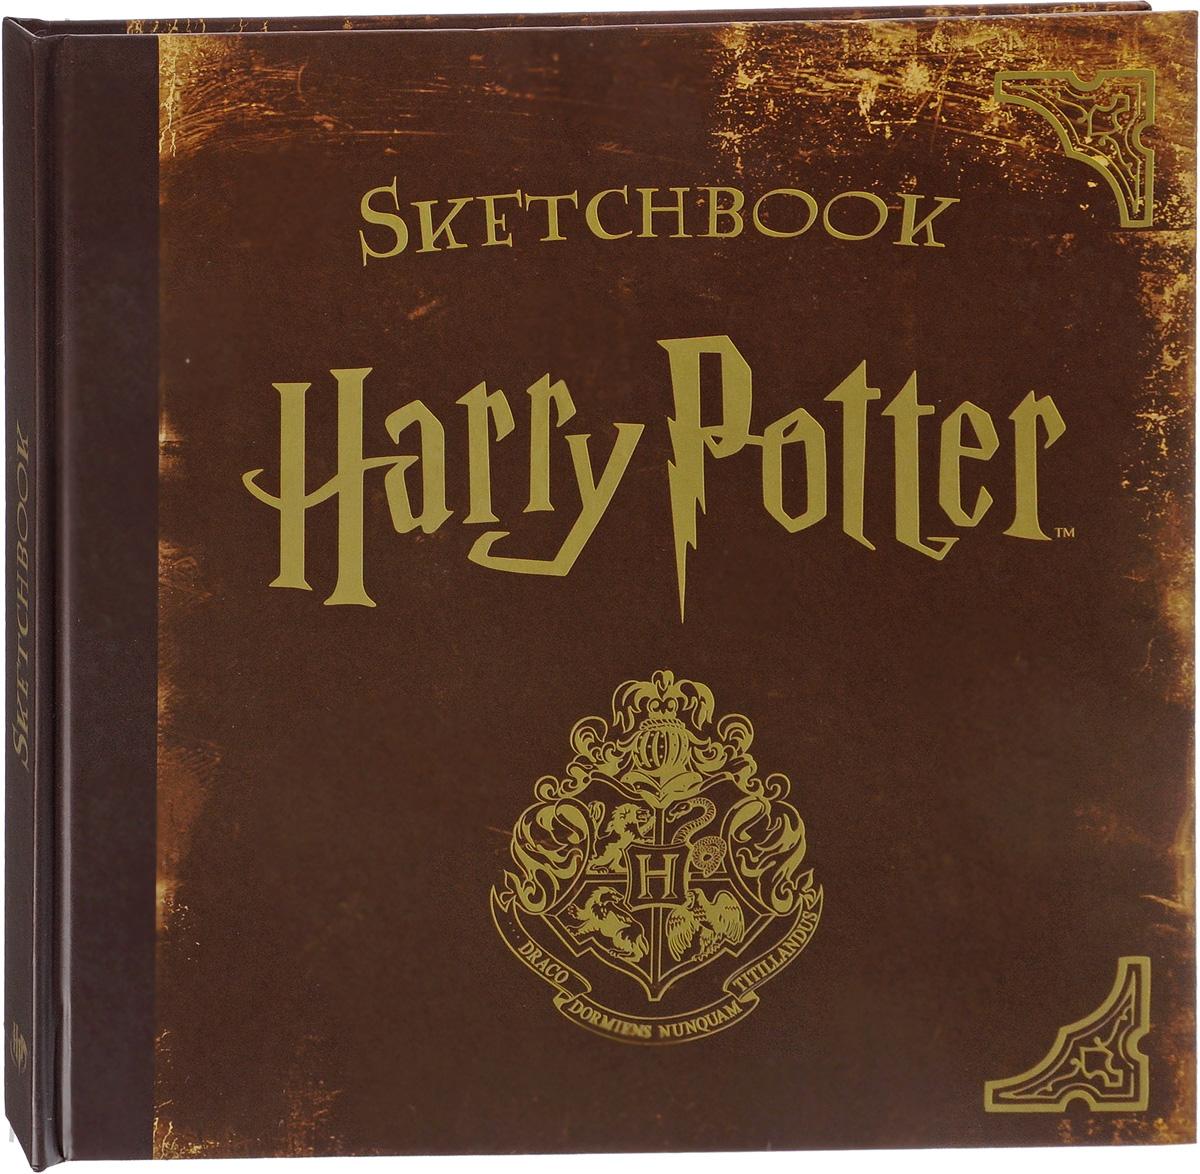 Sketchbook. Гарри Поттер гарри поттер кино купить